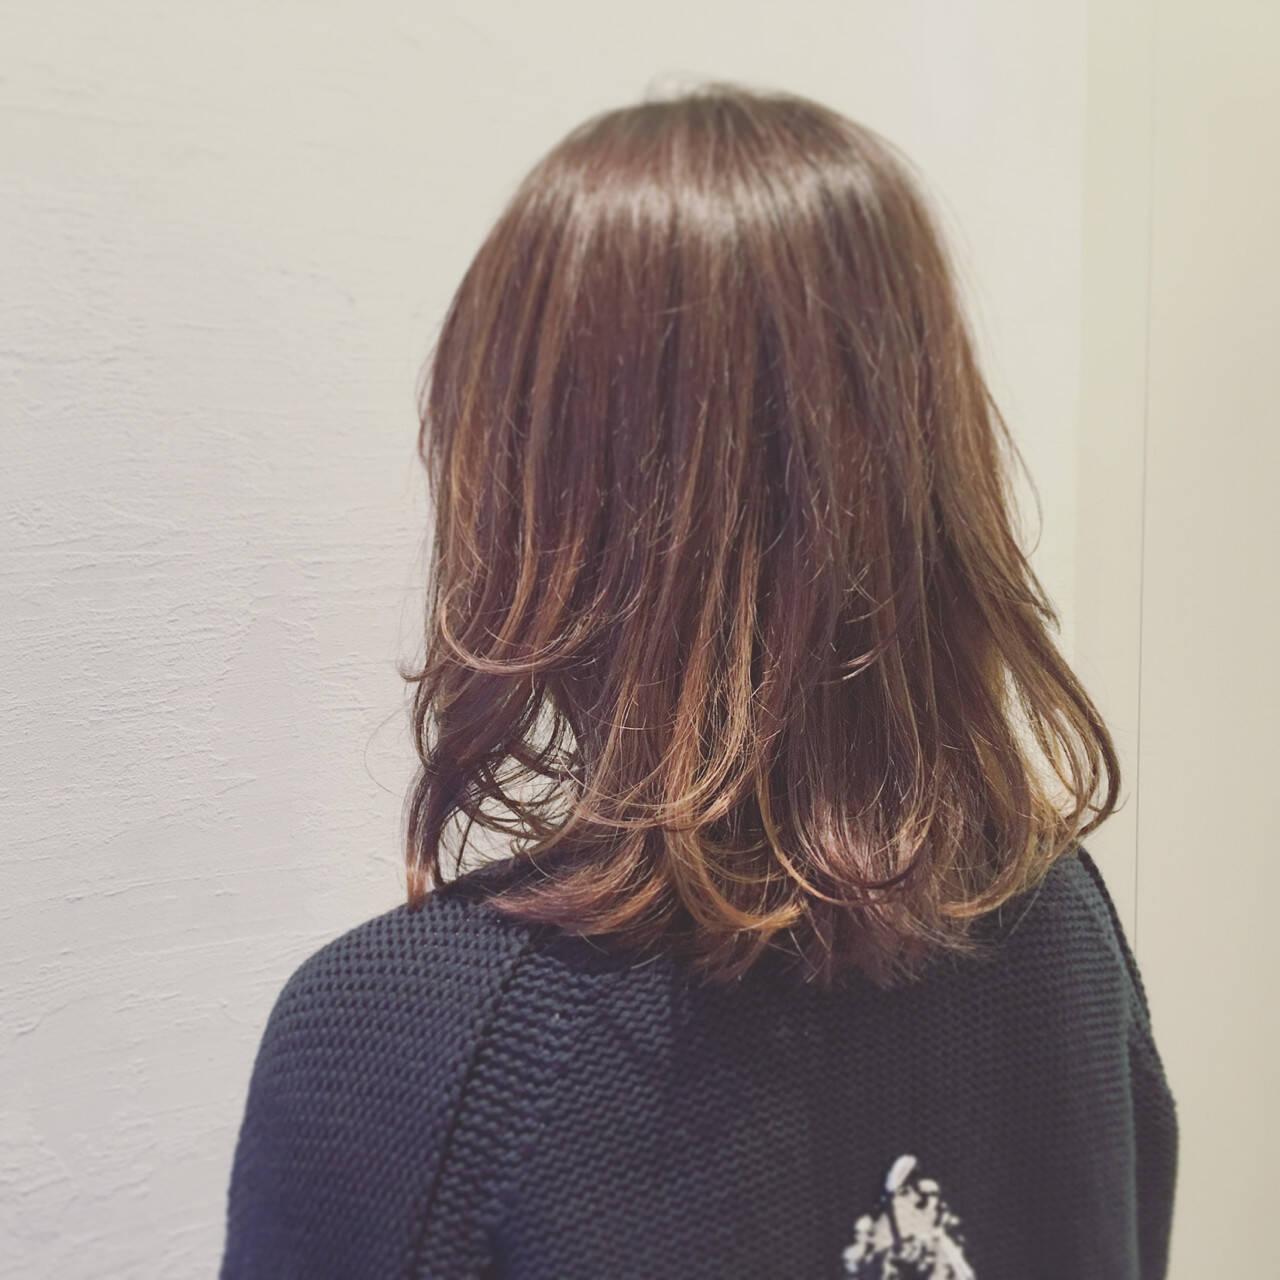 外国人風 ダブルカラー イルミナカラー ハイライトヘアスタイルや髪型の写真・画像